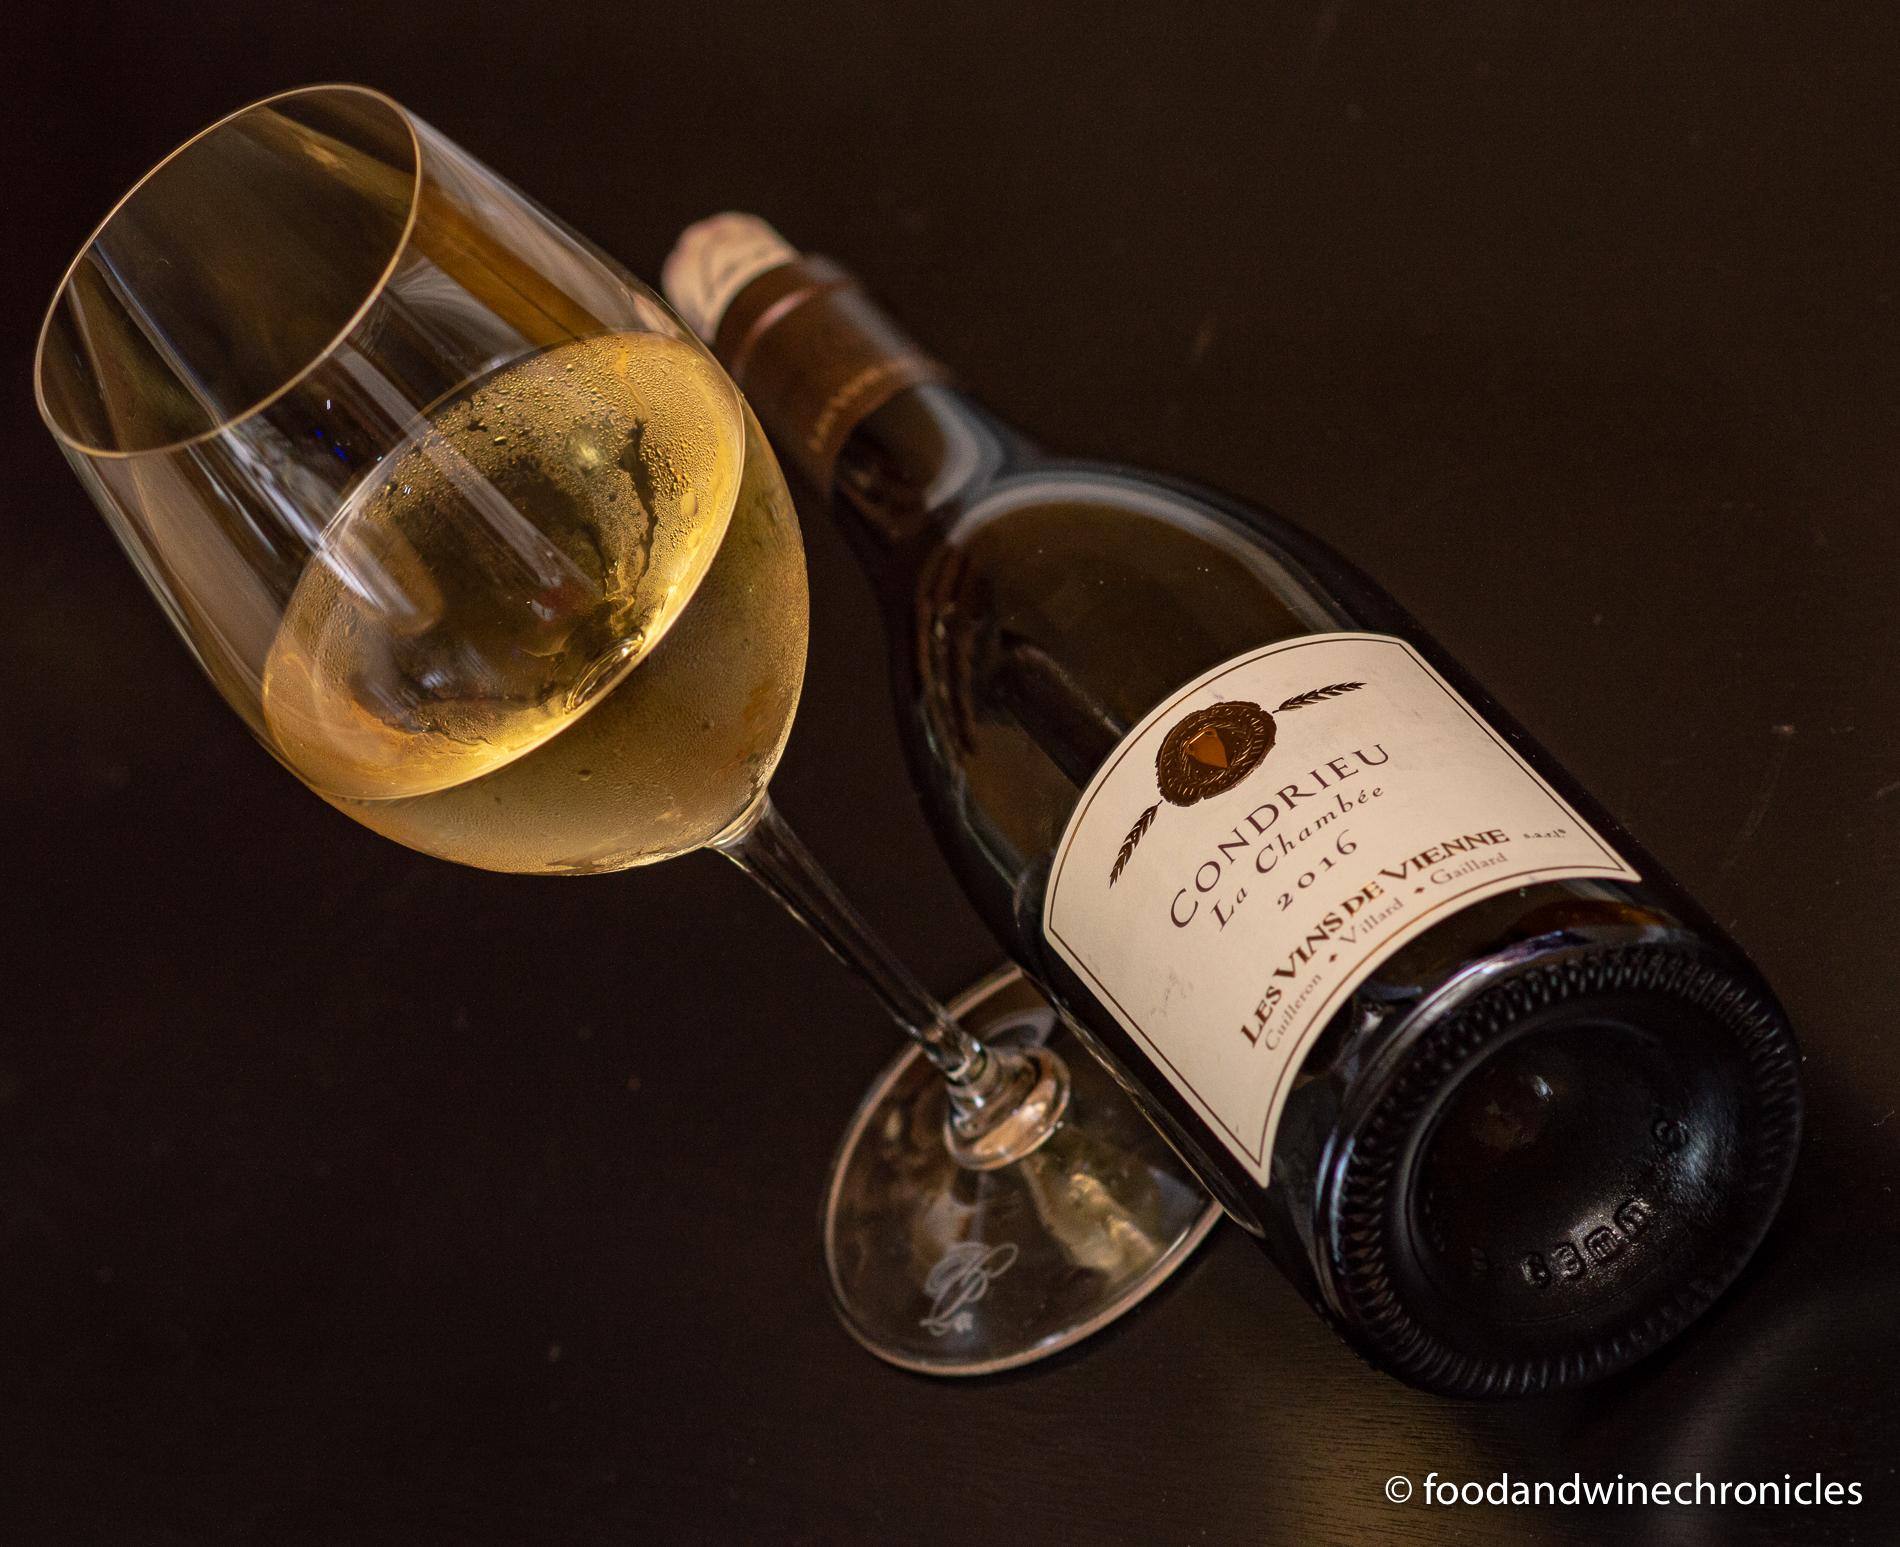 Les Vins de Vienne Condrieu bottle